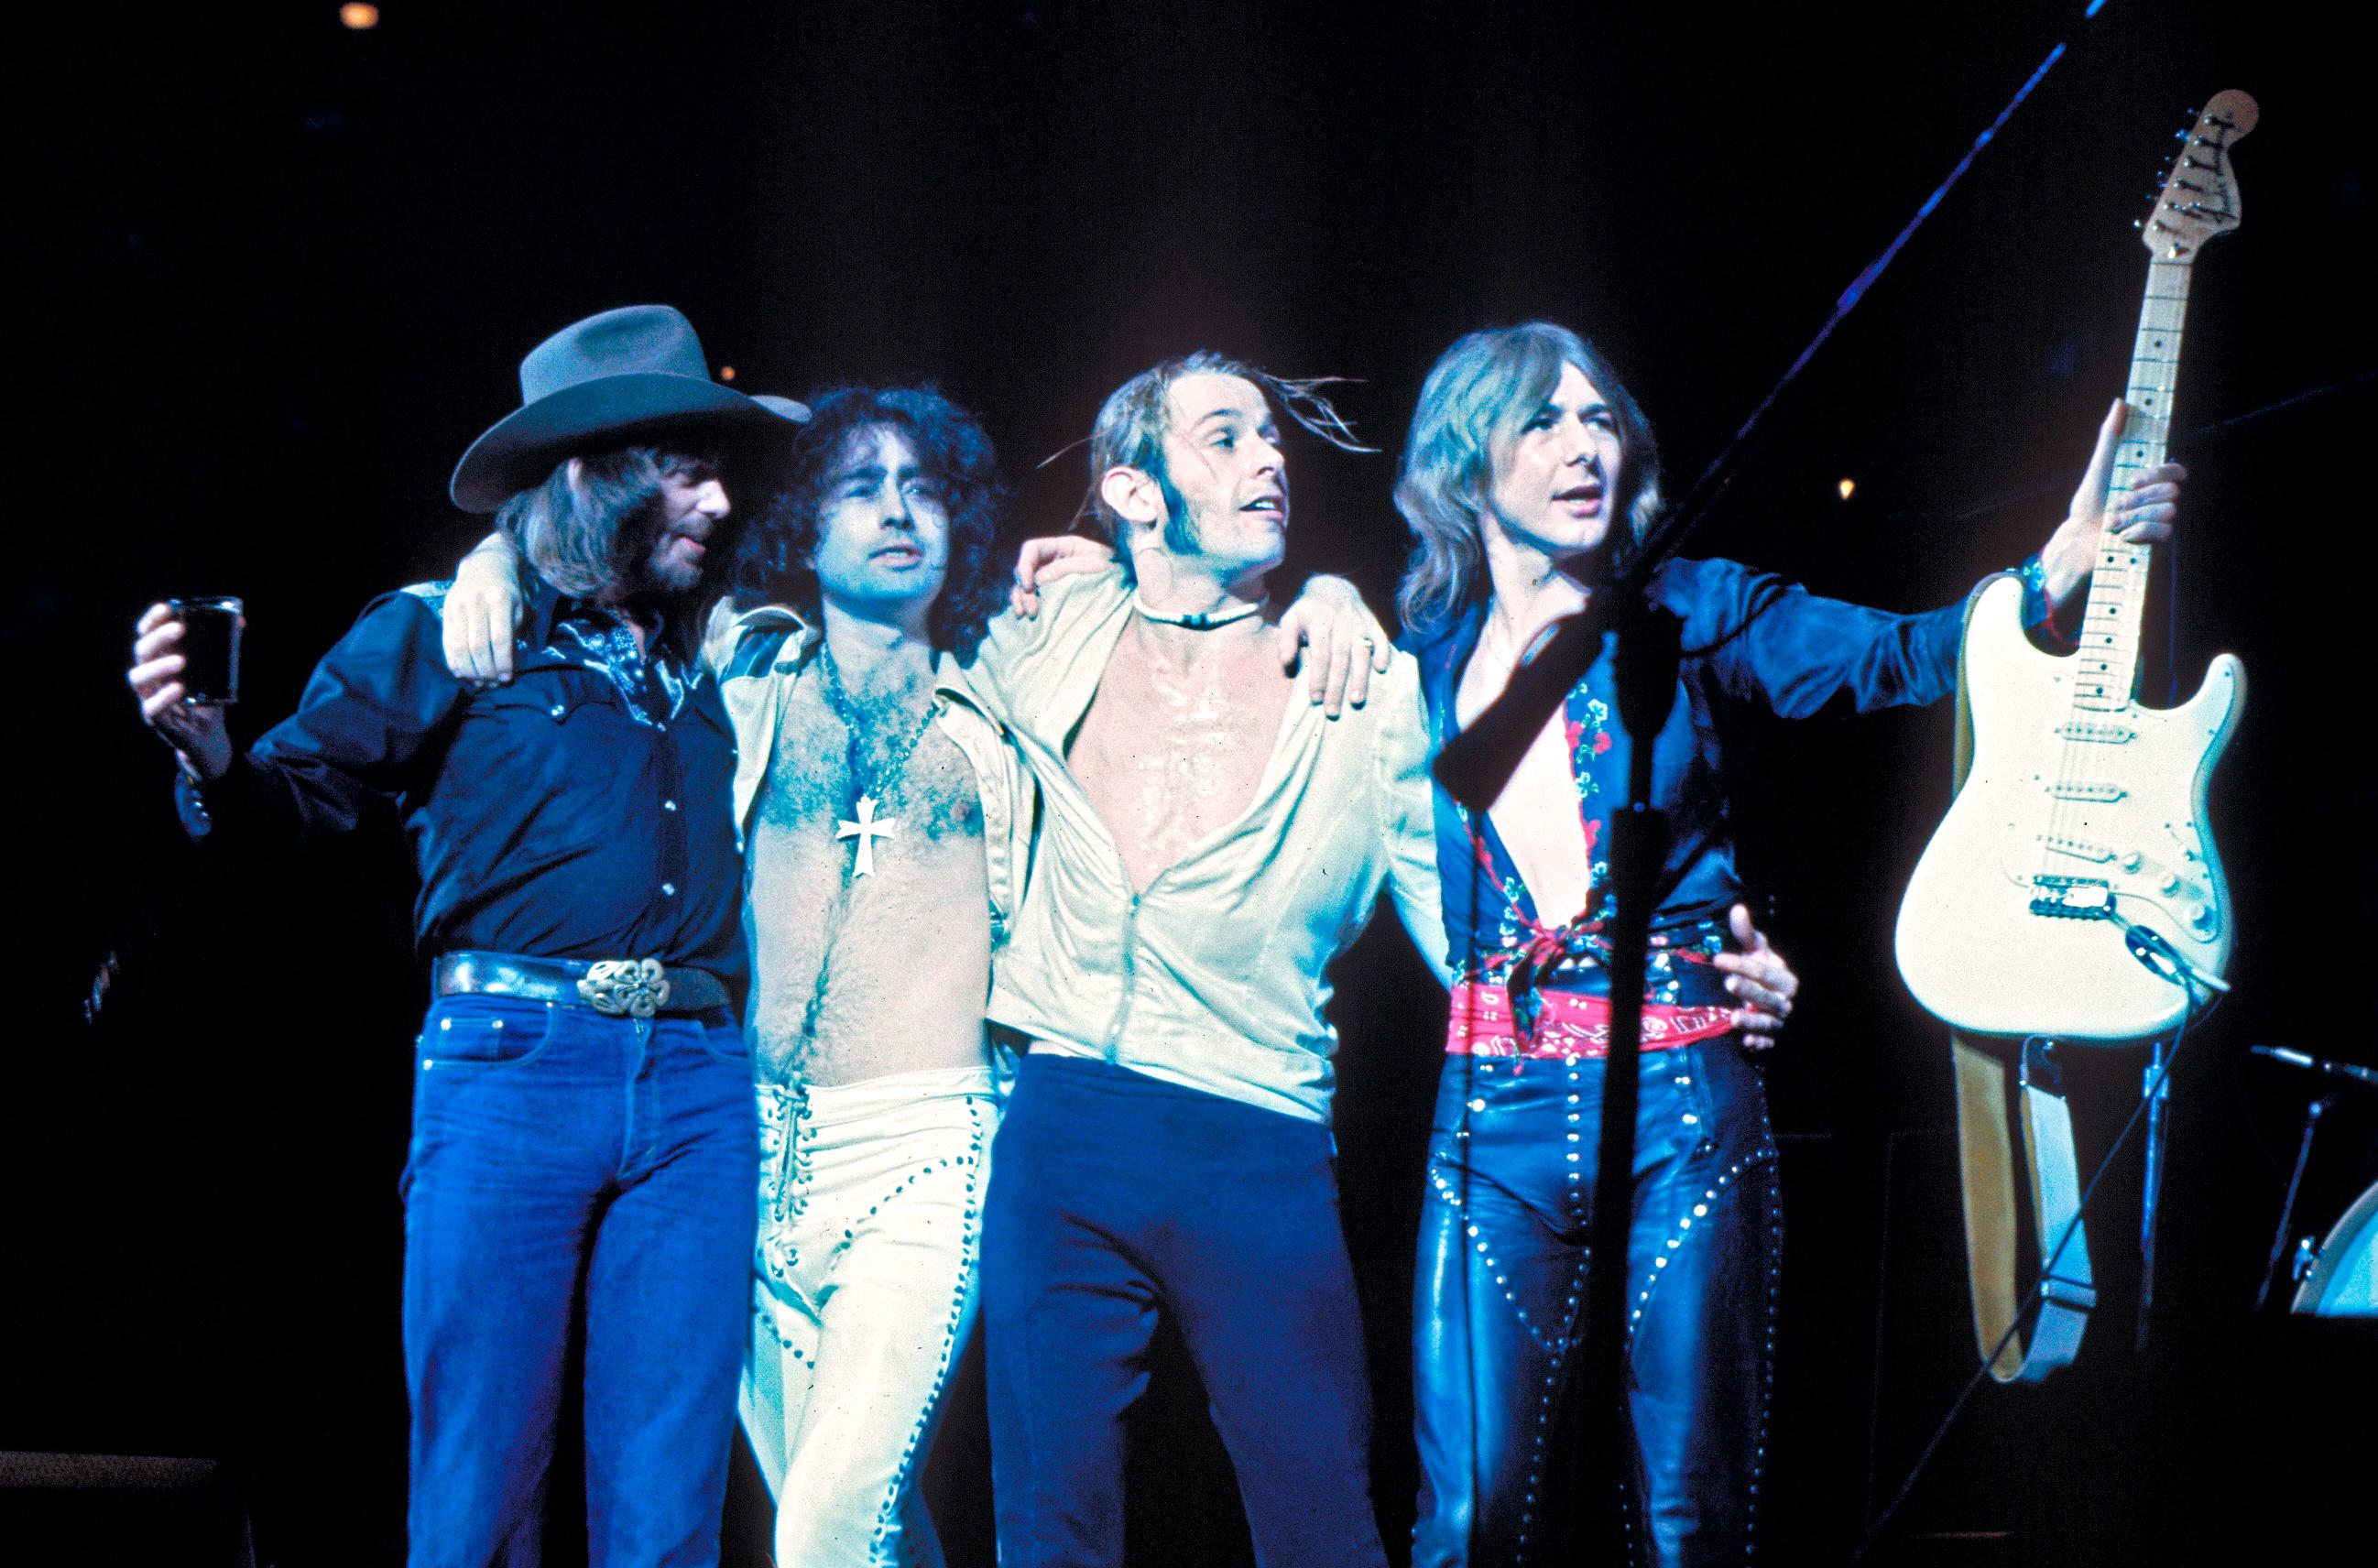 Bad_Company_-_1976